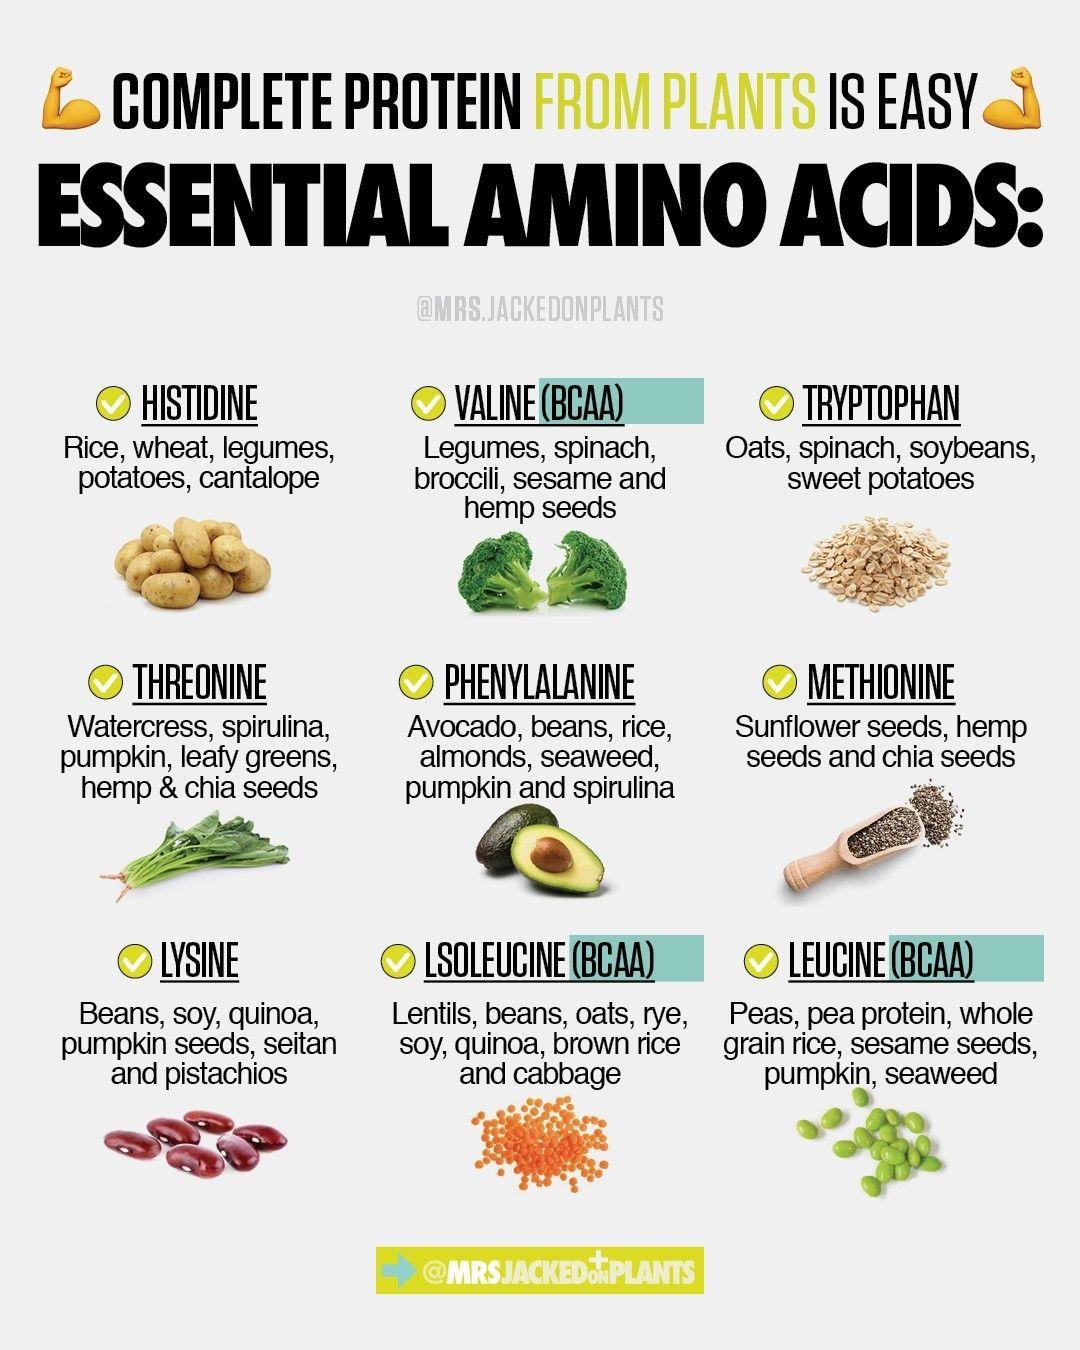 98fe0a71957fa7e8a702b912f497f5c0 - How To Get All Your Amino Acids As A Vegan